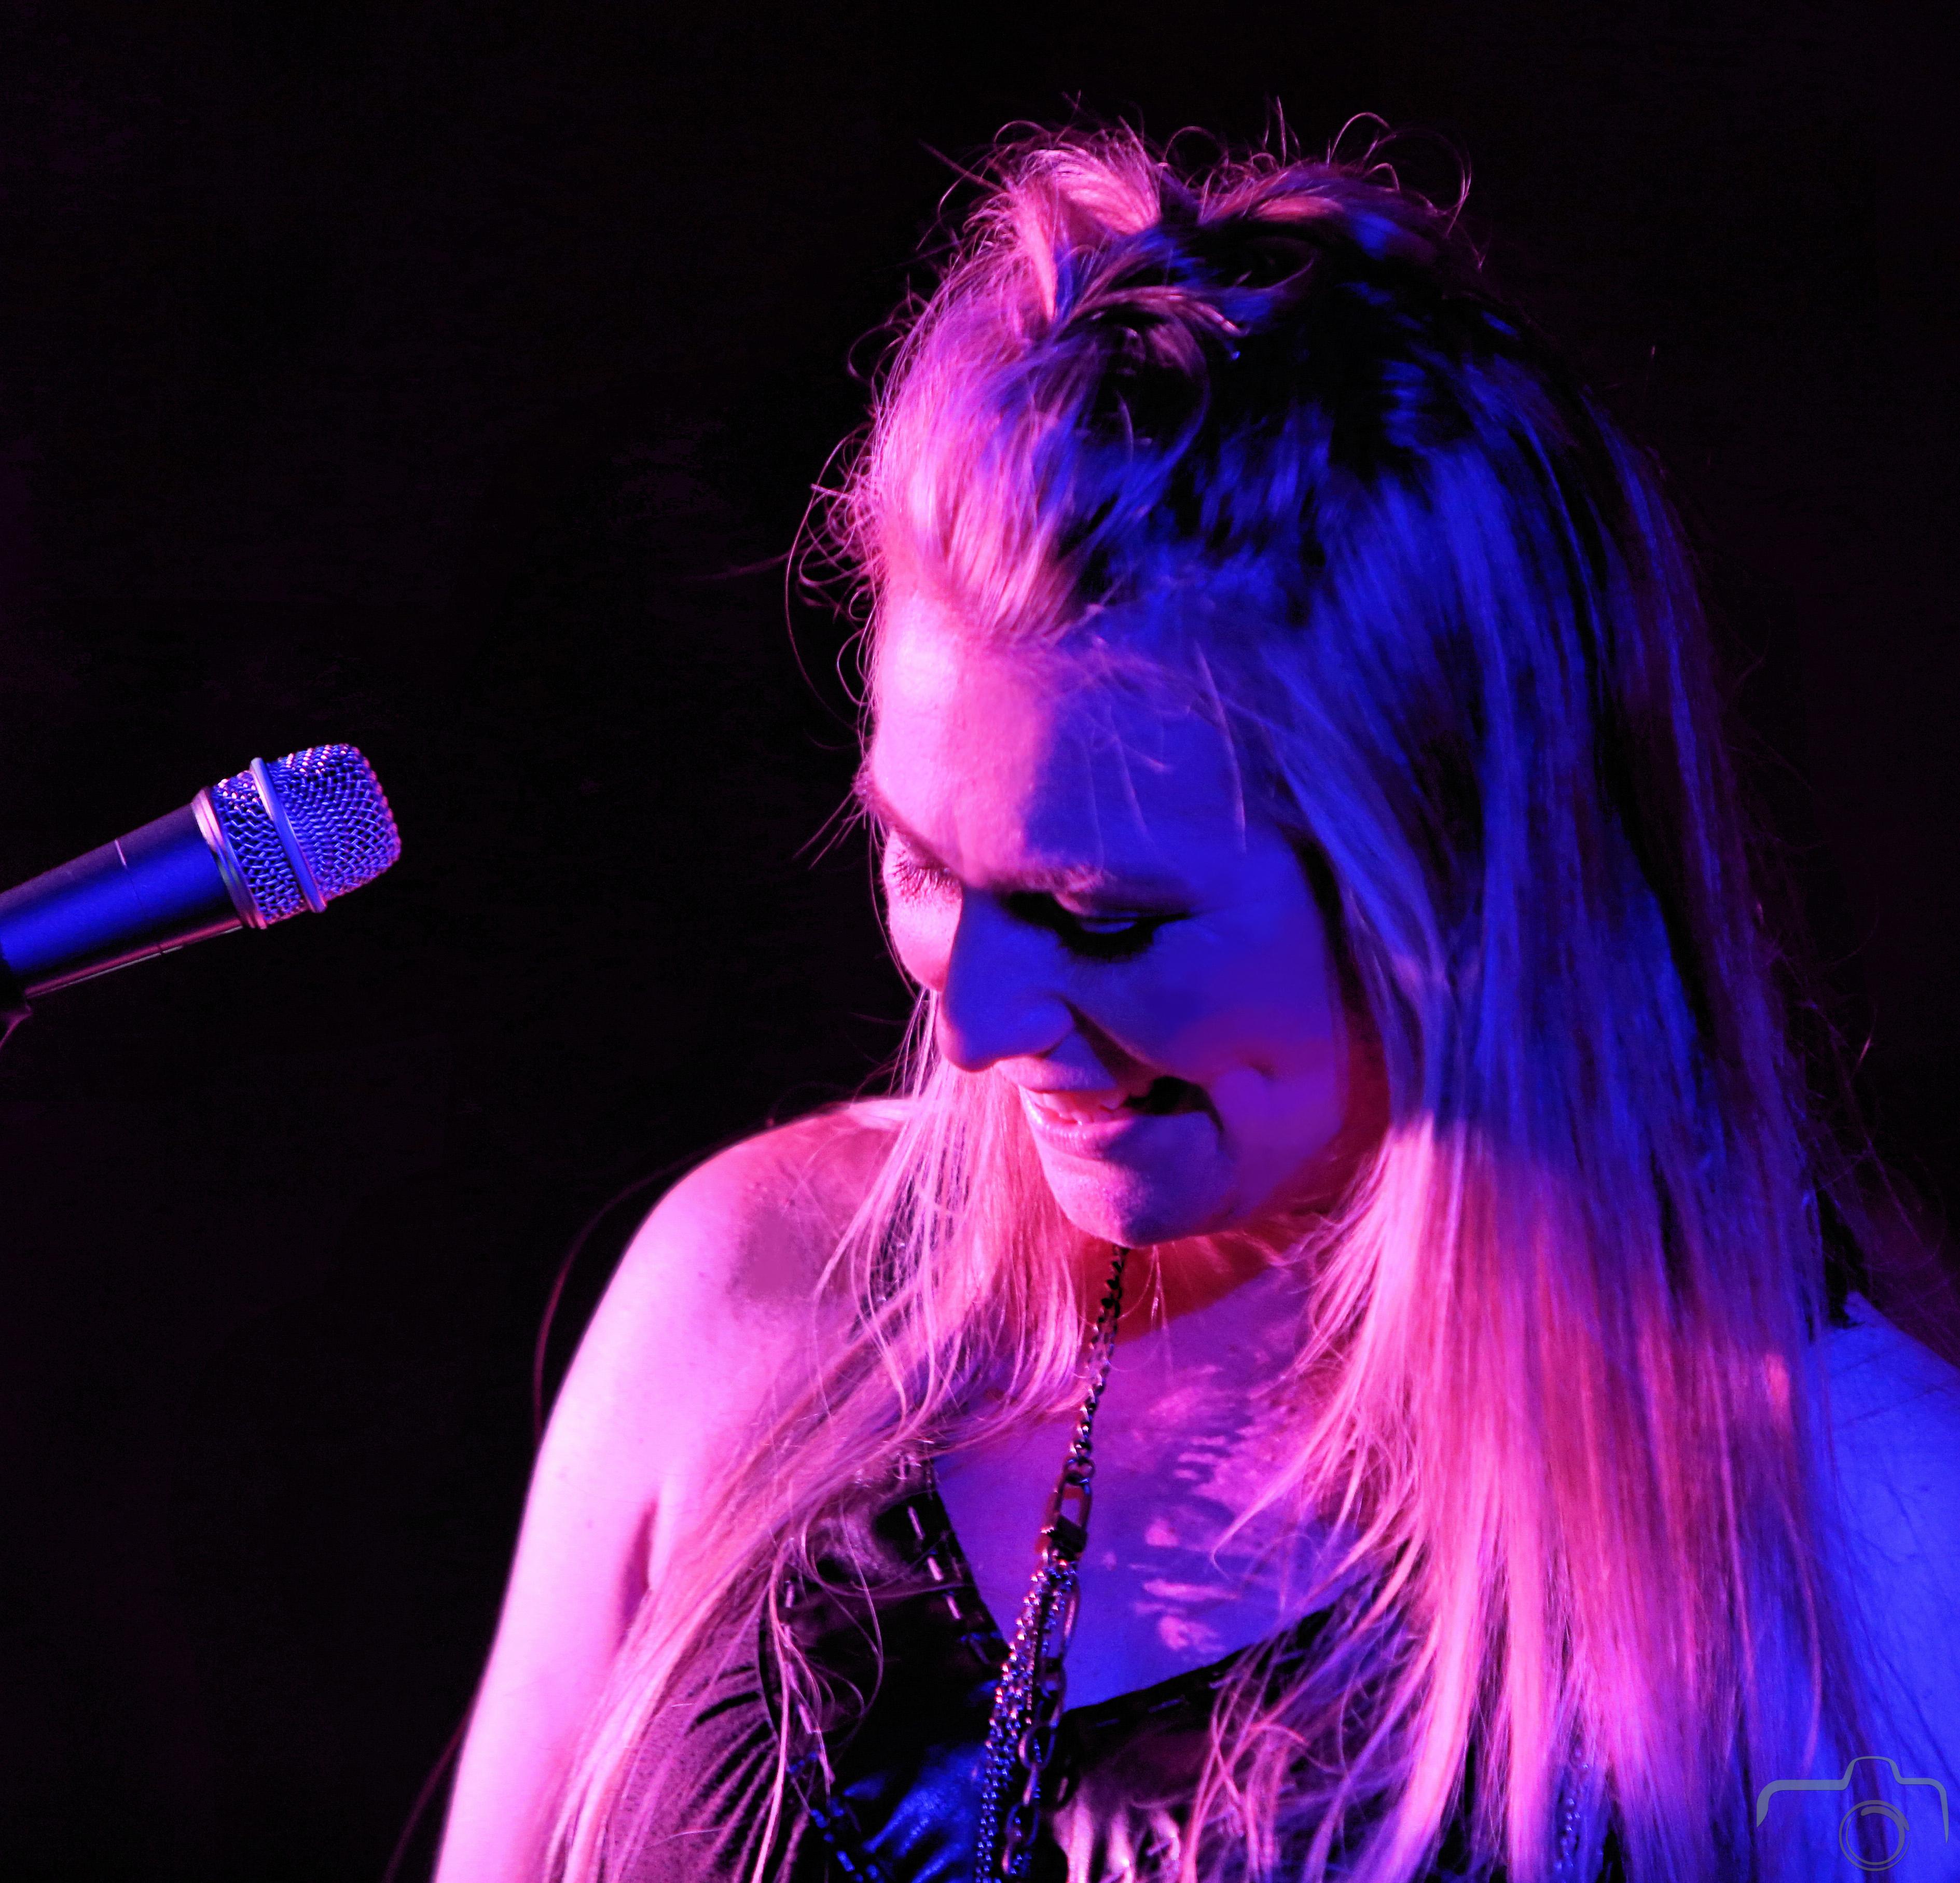 Natalie Brooke